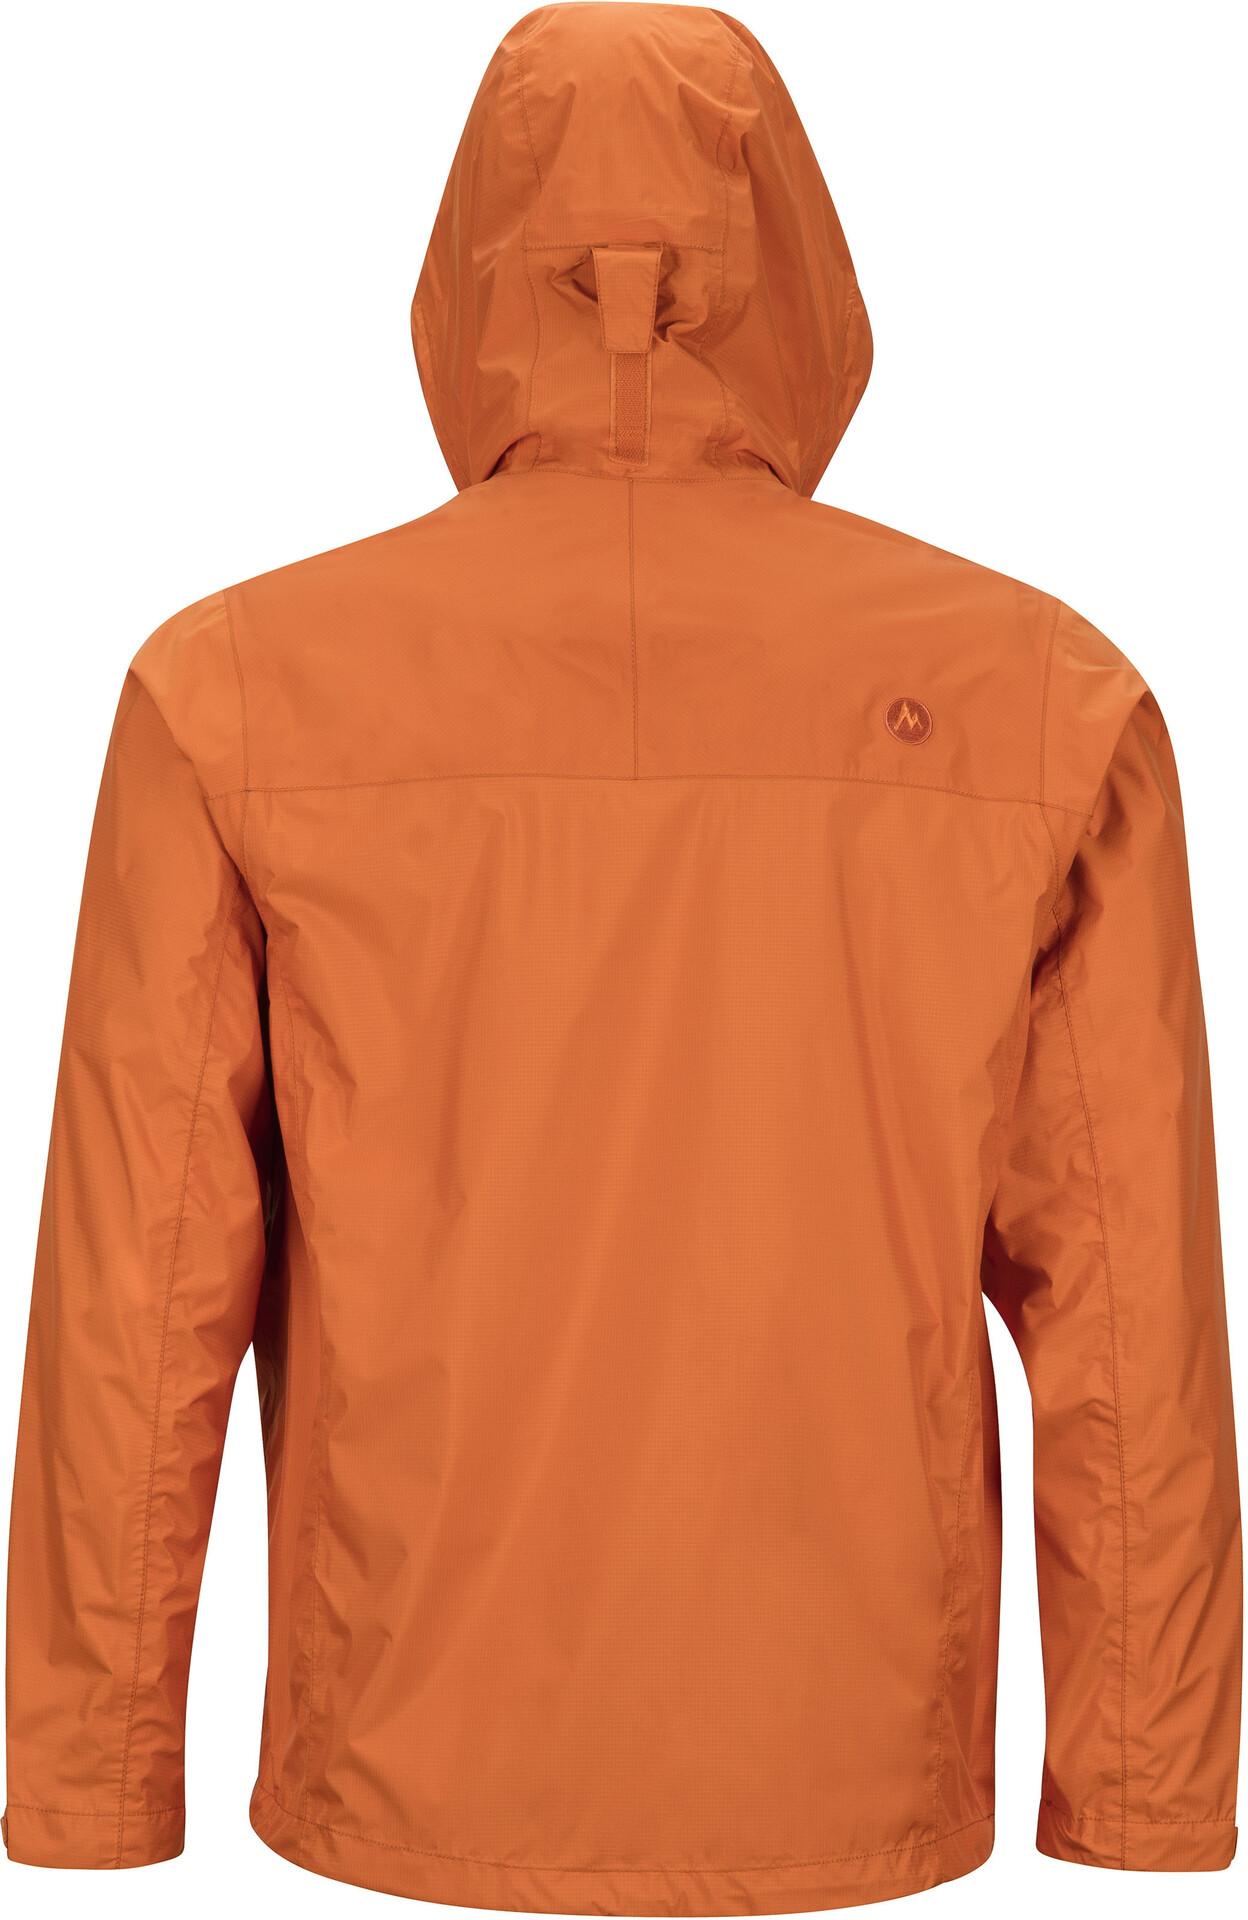 Hombre Naranja Campz Precip Chaqueta Marmot es wxRYE 02768901fcb